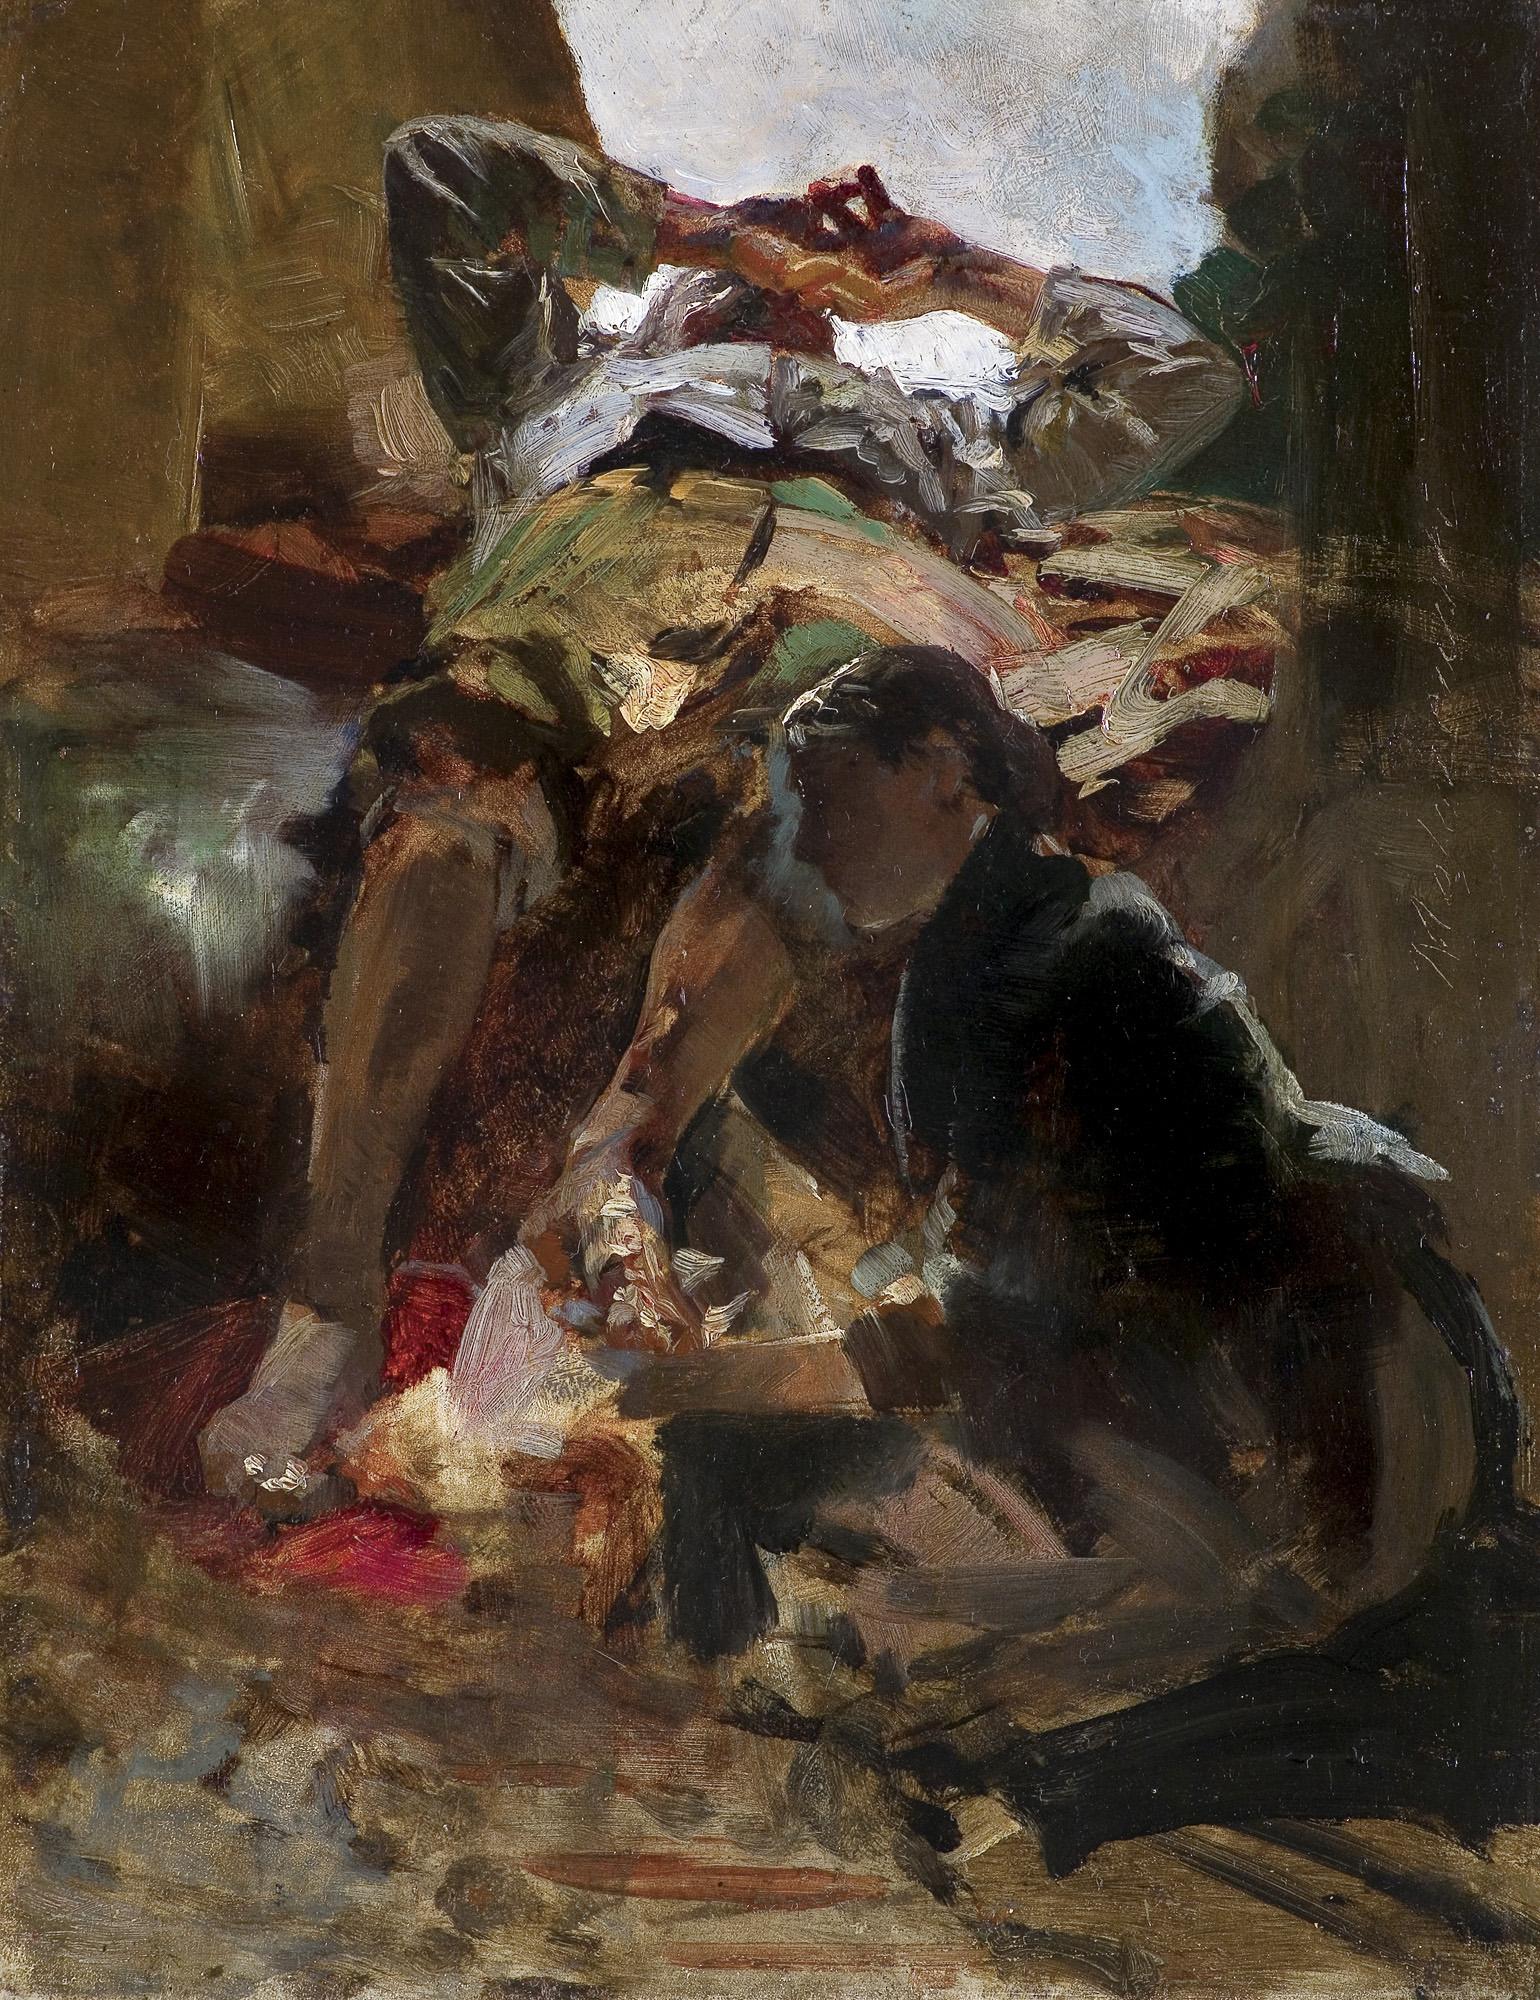 SCENA SYBIRSKA. UMYWANIE NÓG, 1890